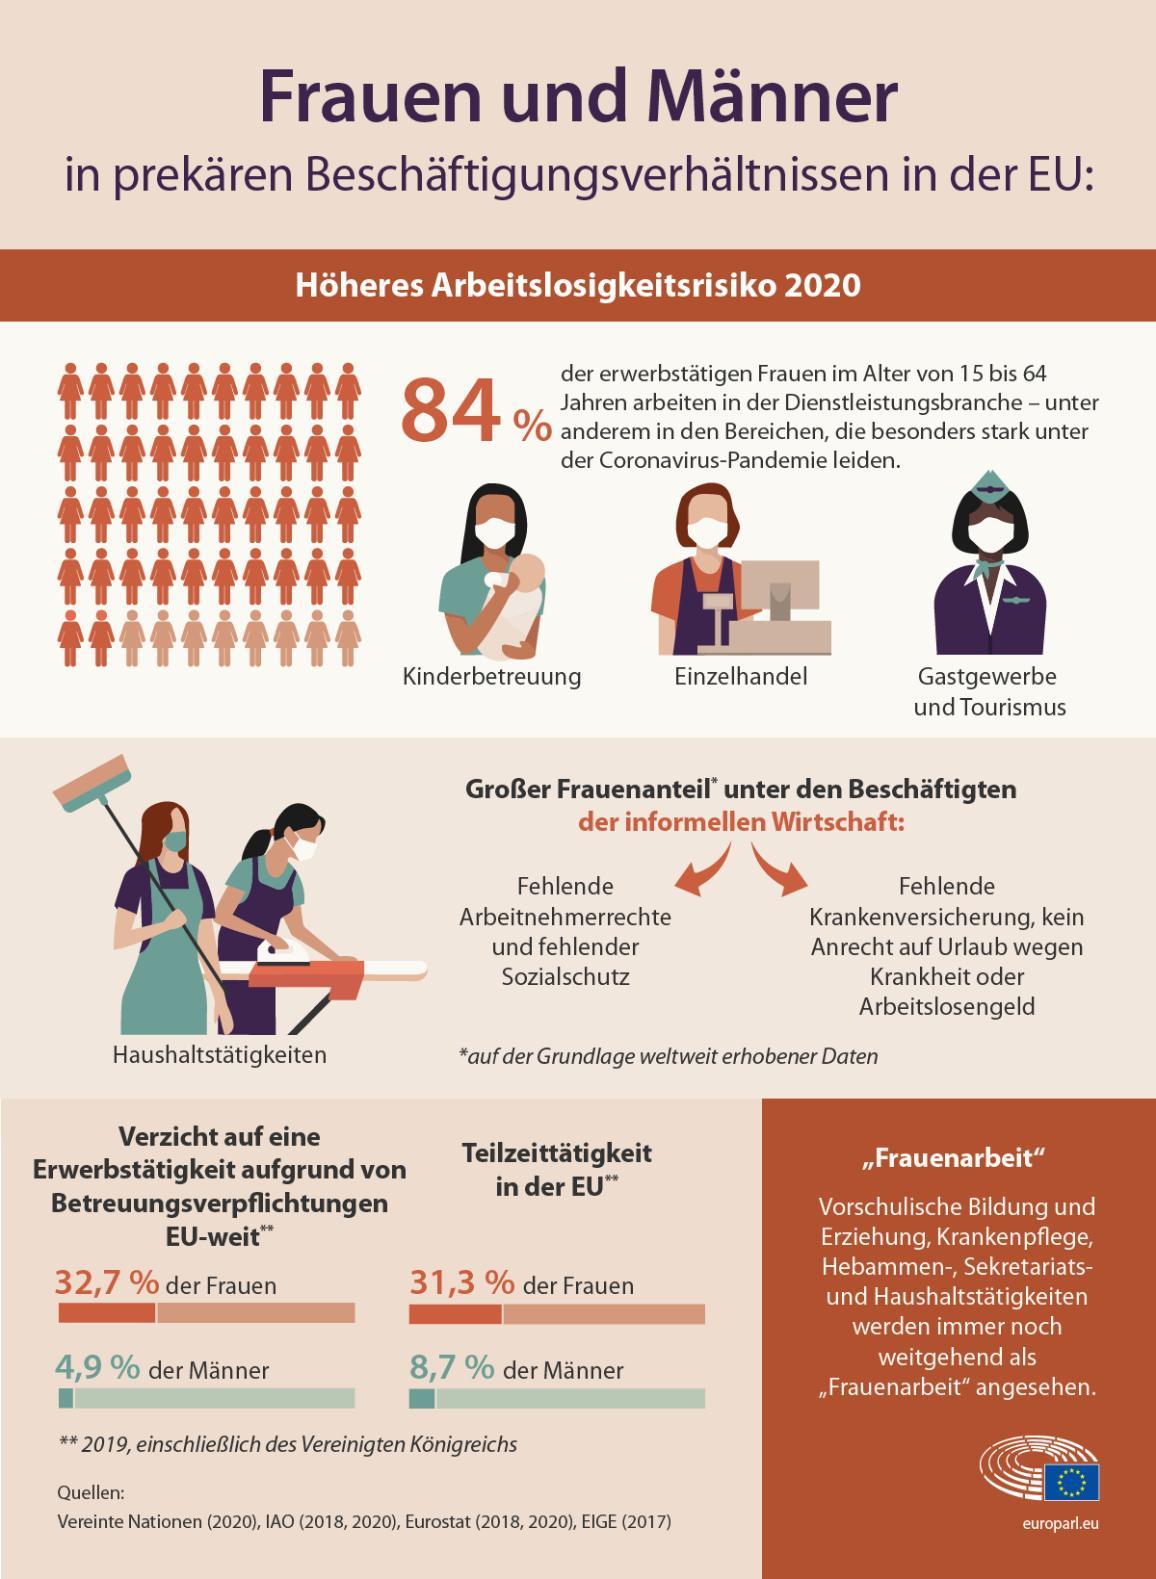 Die Infografik zeigt, dass Frauen wegen der Coronavirus-Pandemie stärker von Arbeitslosigkeit und prekären Beschäftigungsverhältnissen bedroht sind.